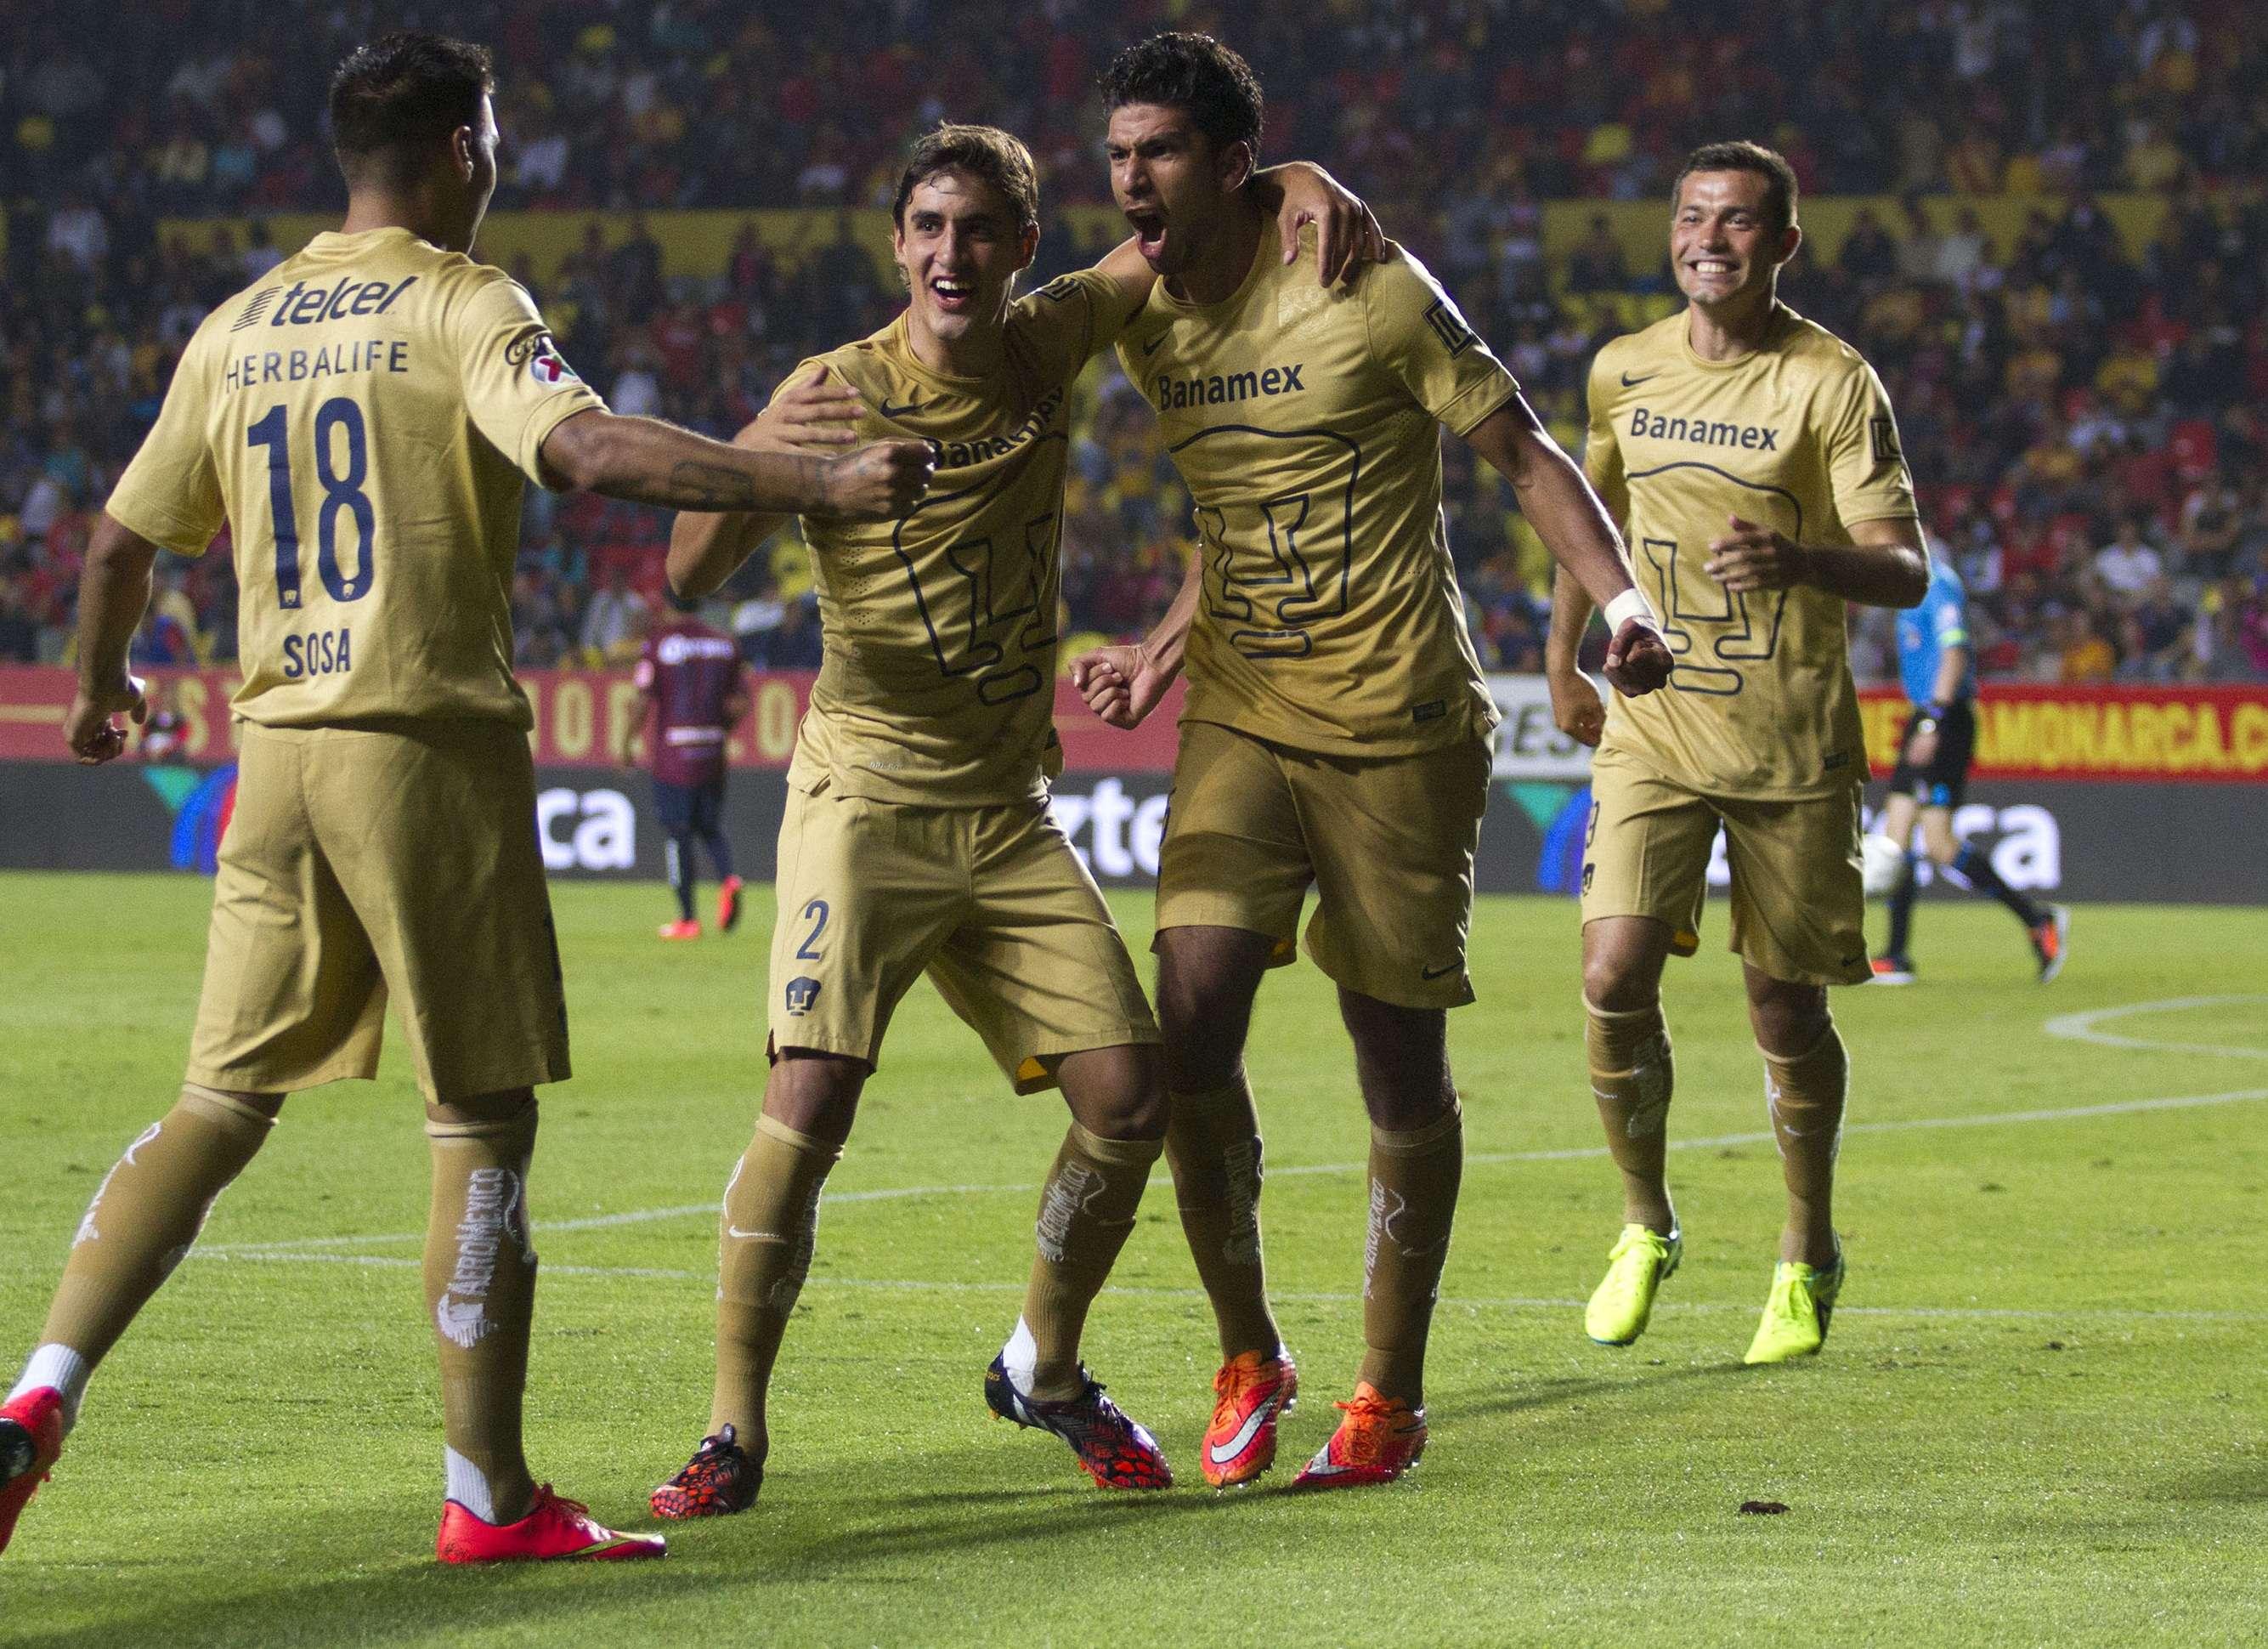 Eduardo Herrera anotó un golazo en la victoria de Pumas 3-2 sobre Monarcas Morelia. Foto: Imago7